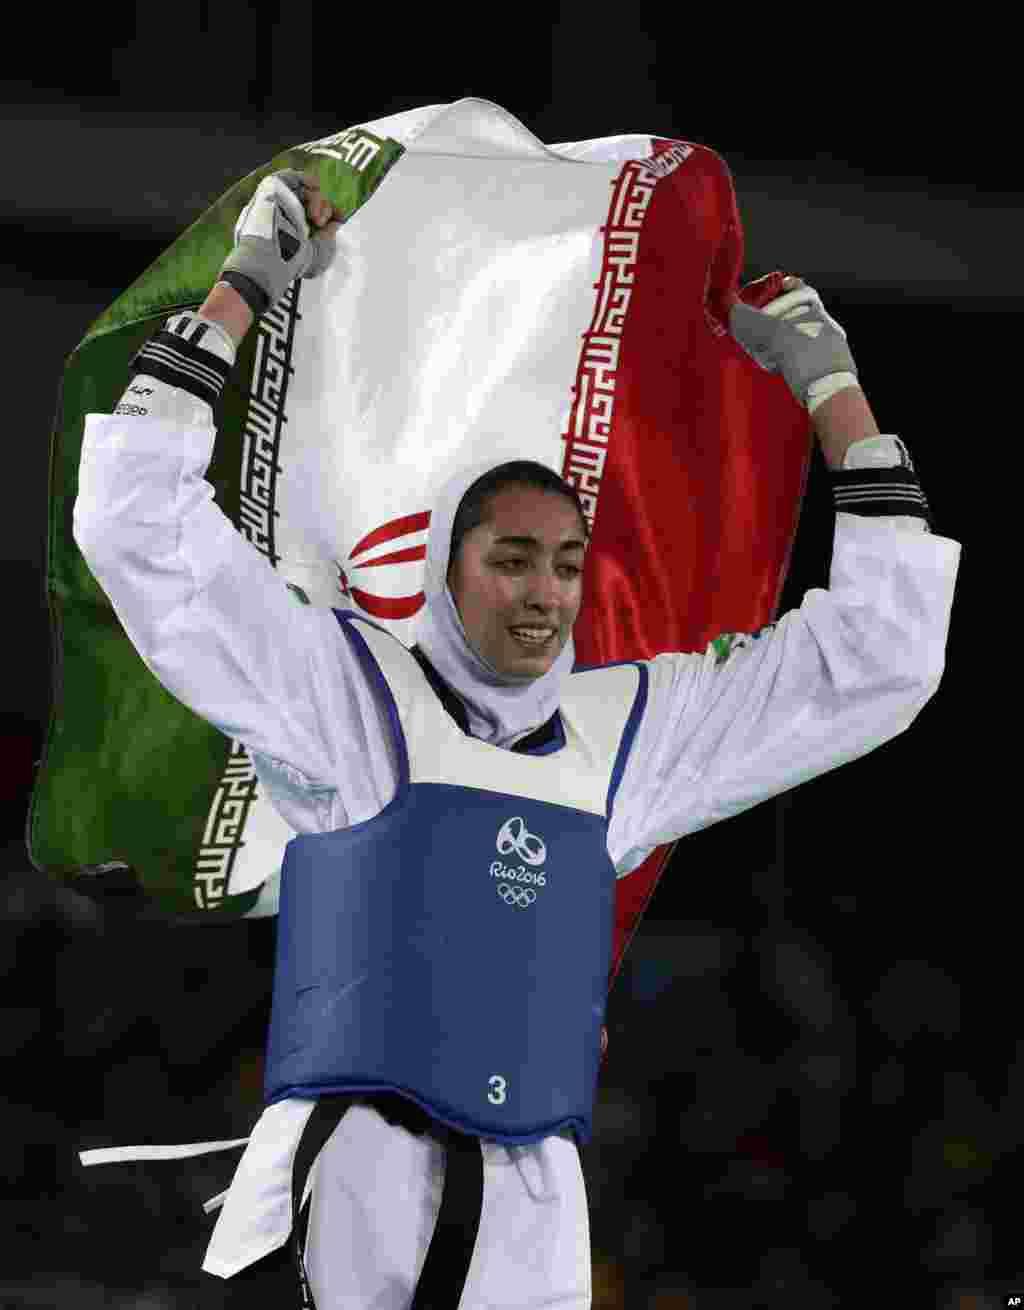 او اولین زن تاریخ ورزش ایران شد که مدالی در المپیک کسب می کند.